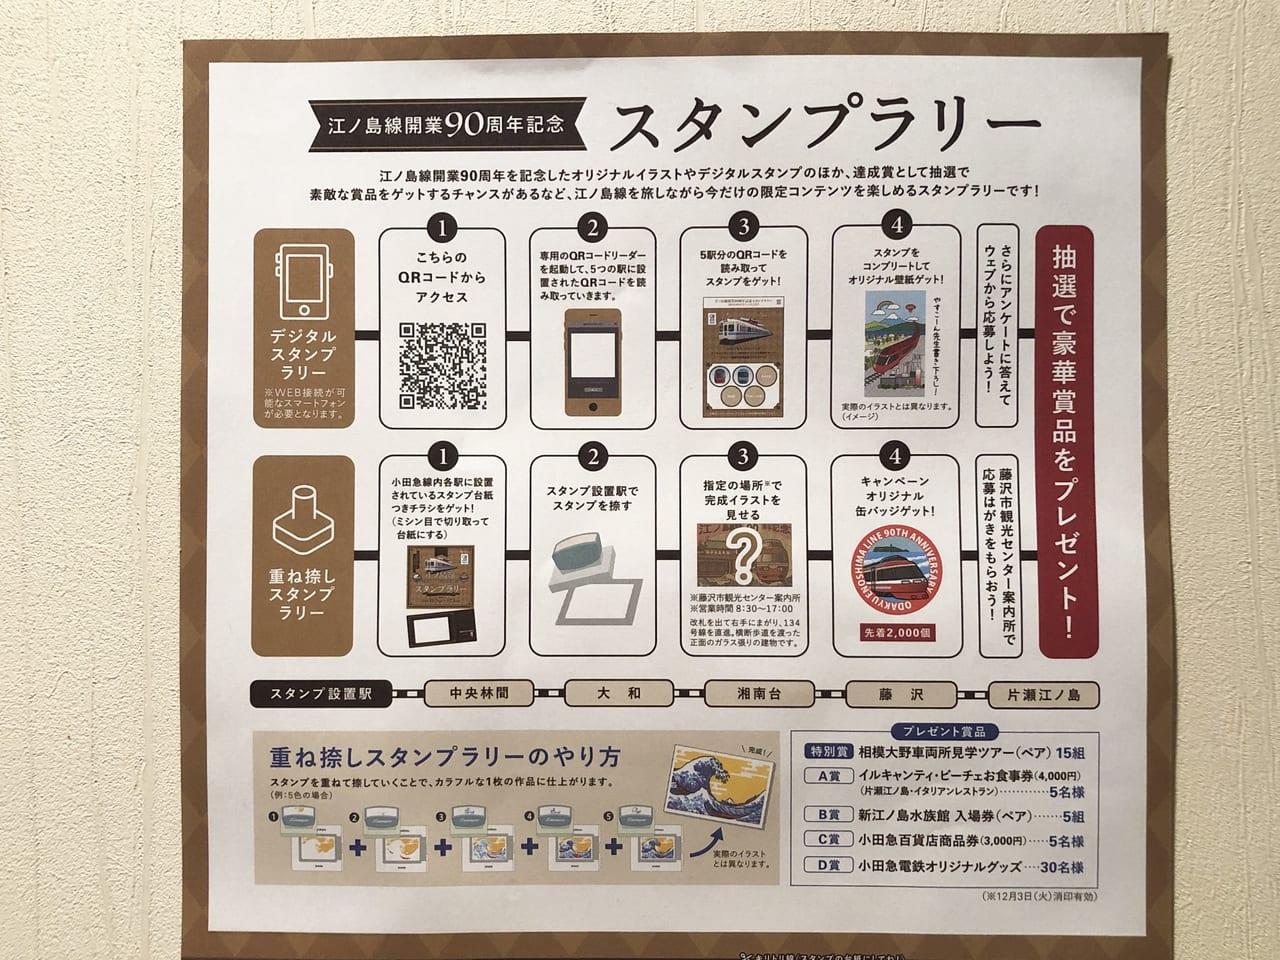 藤沢市 小田急江ノ島線開業90周年記念イベント開催中 スタンプラリー